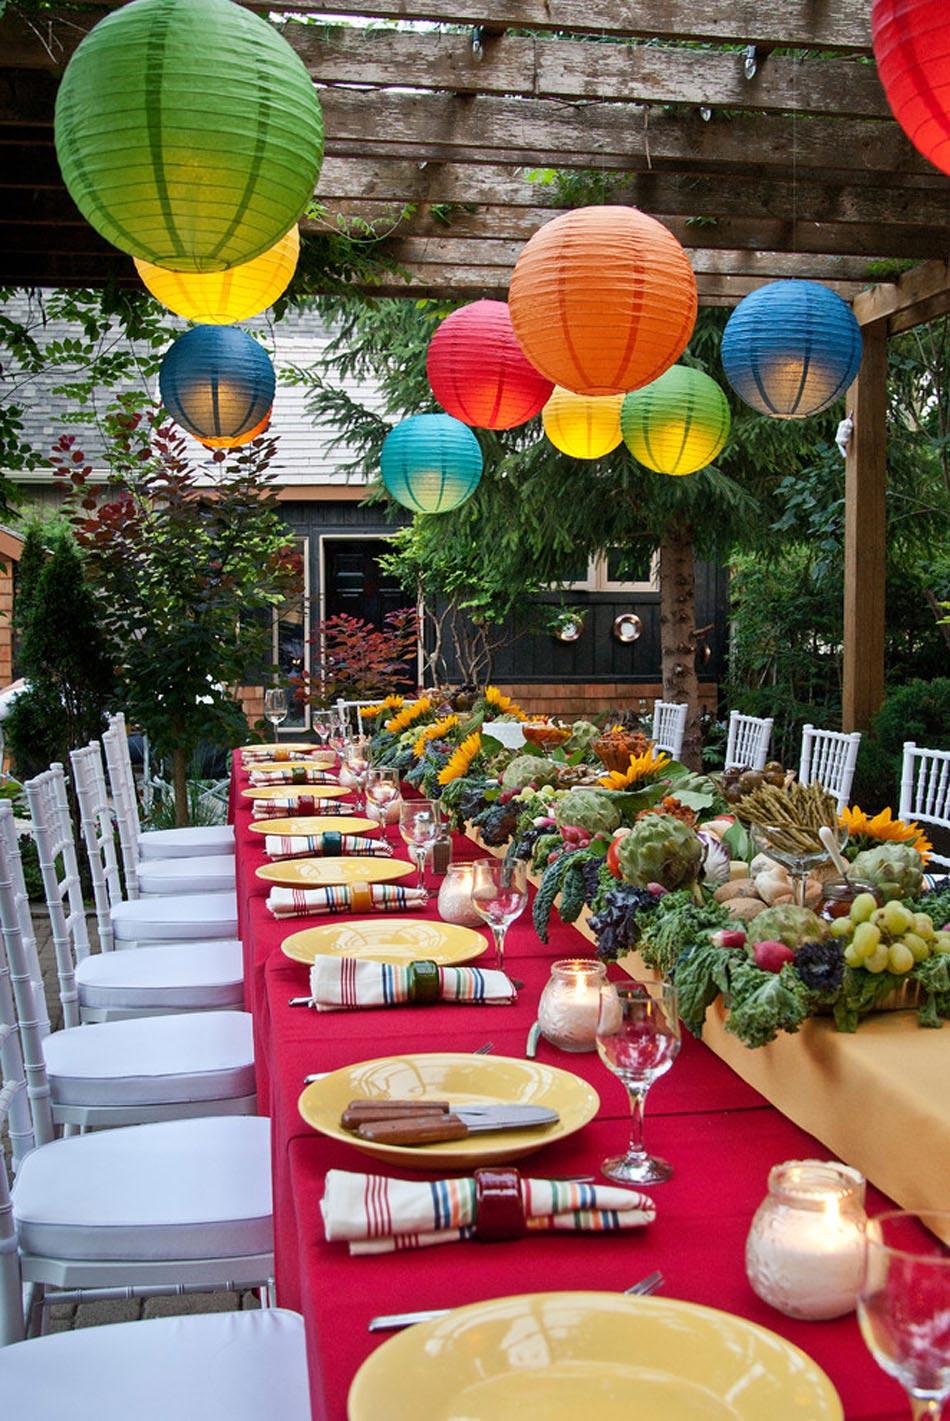 15 id es d co pour profiter d un repas entre amis en plein for Idee deco jardin pour fete